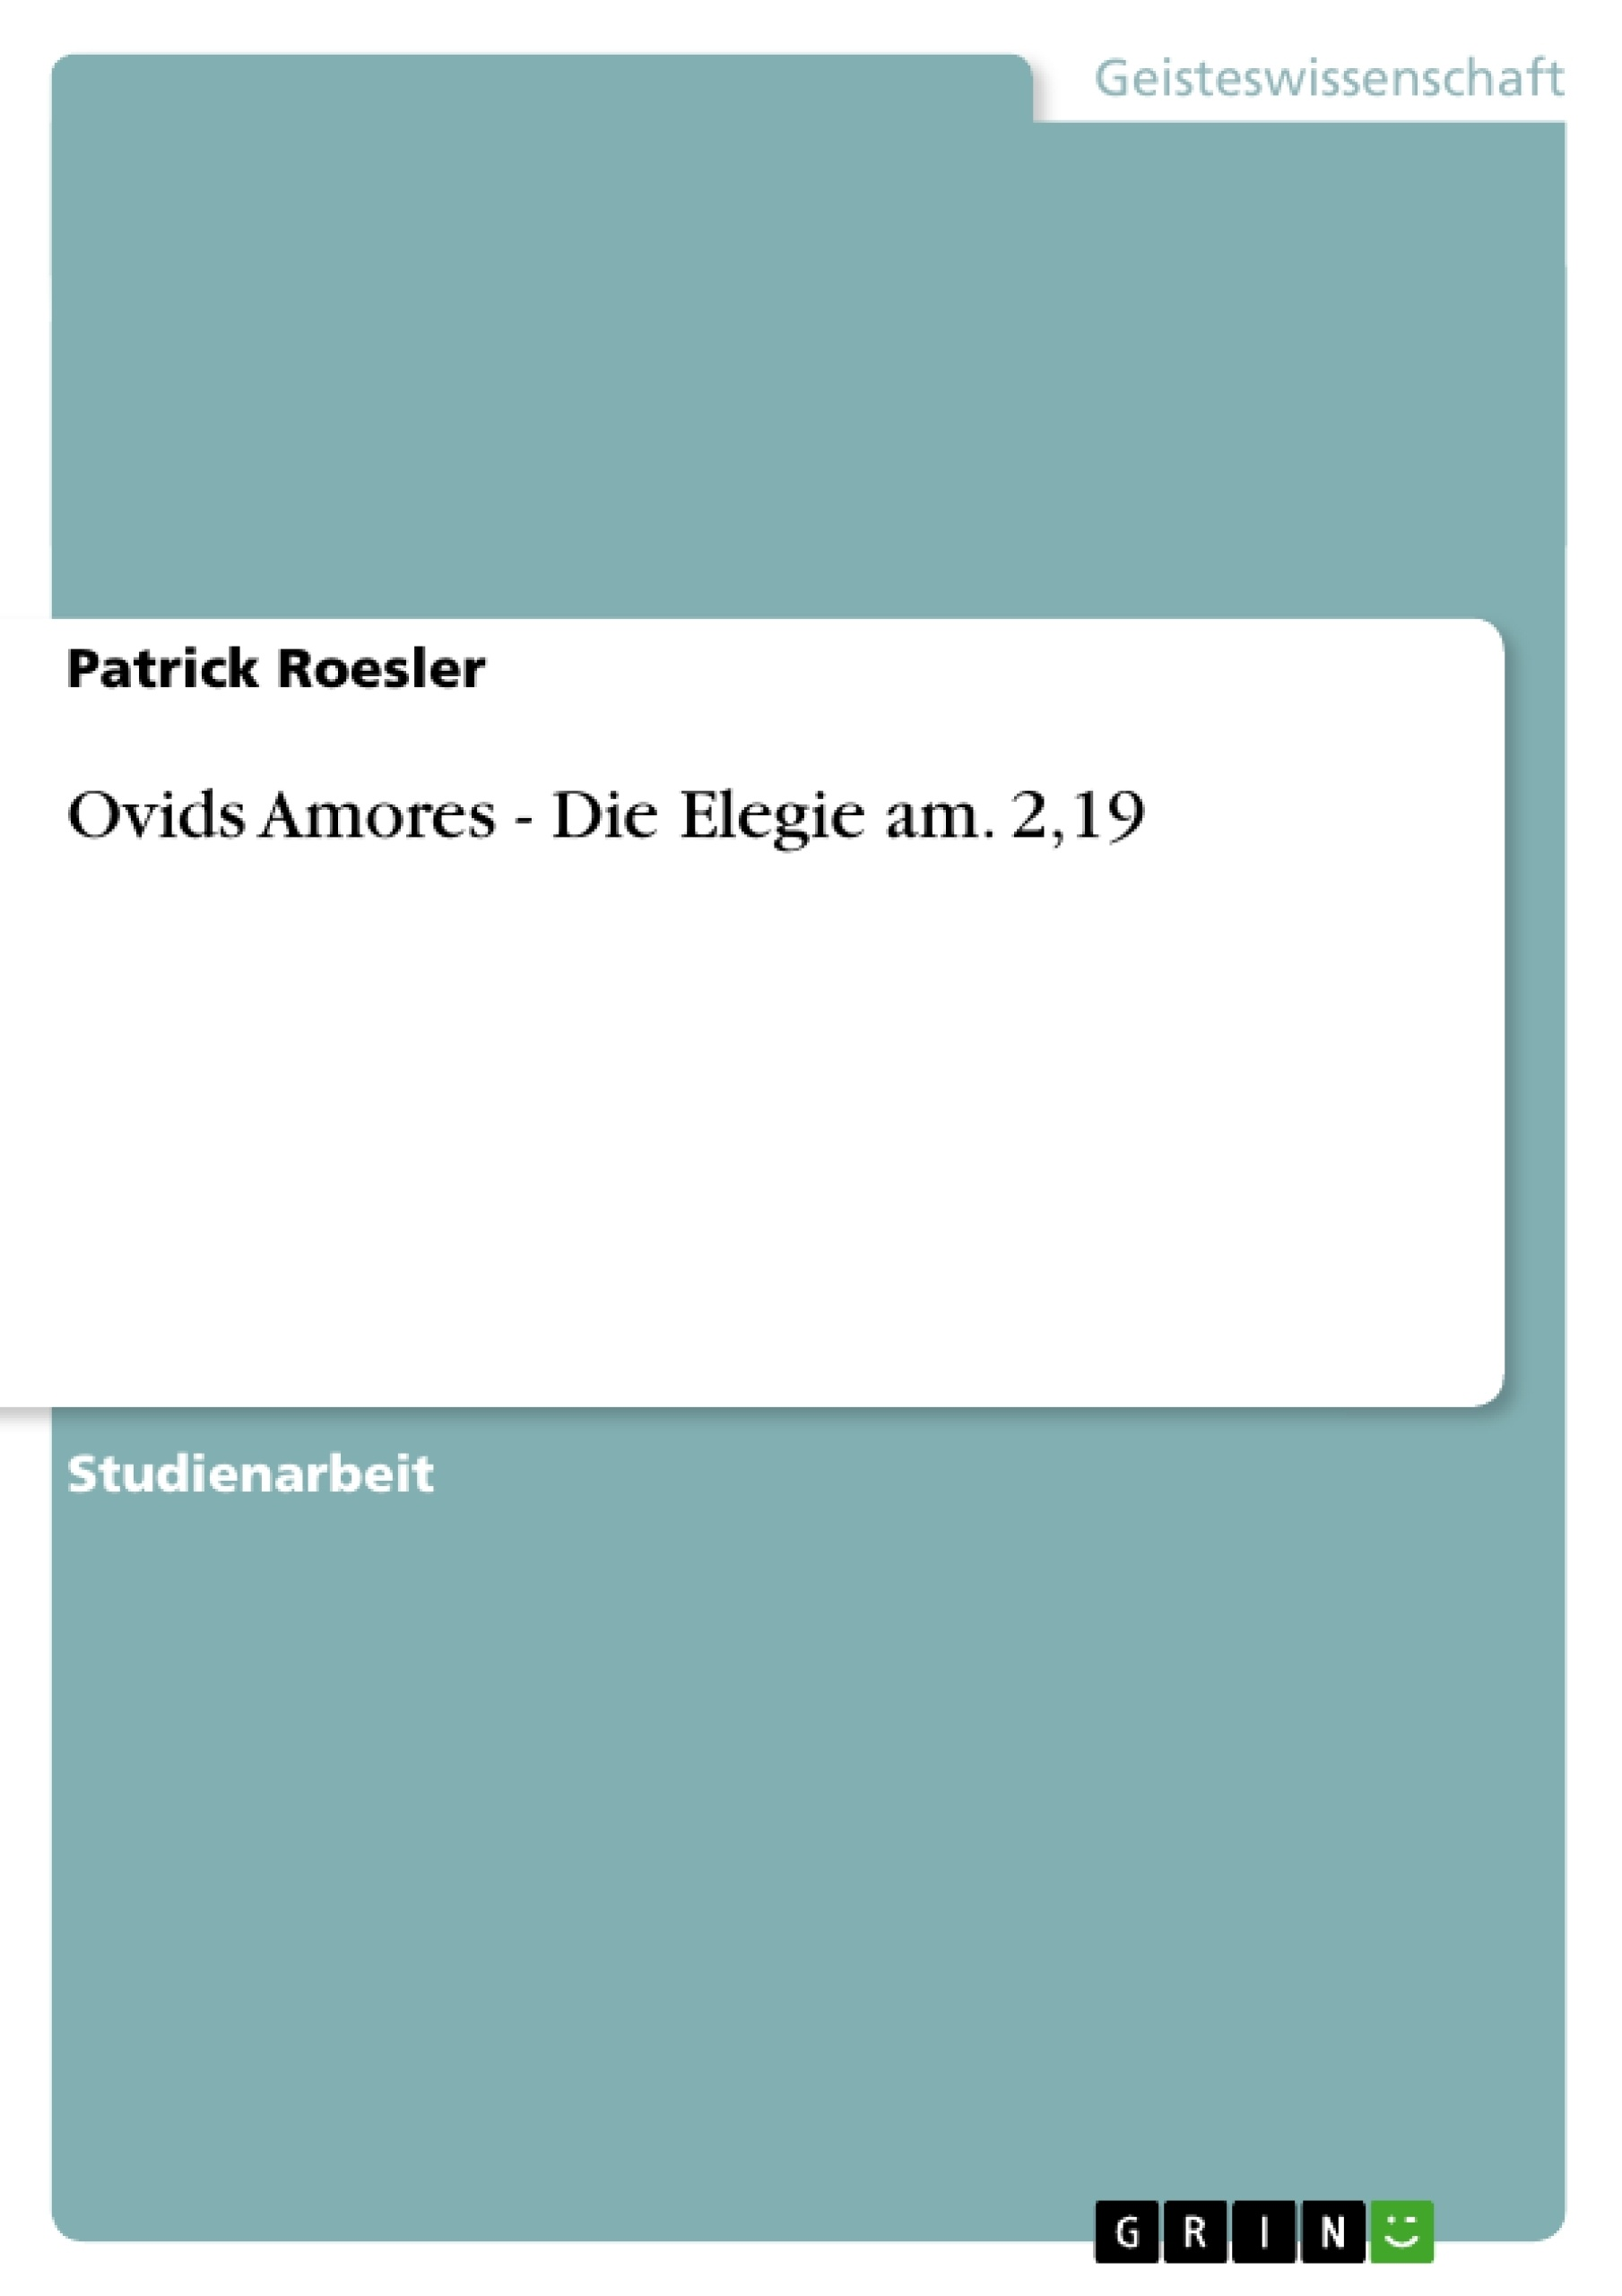 Titel: Ovids Amores - Die Elegie am. 2,19